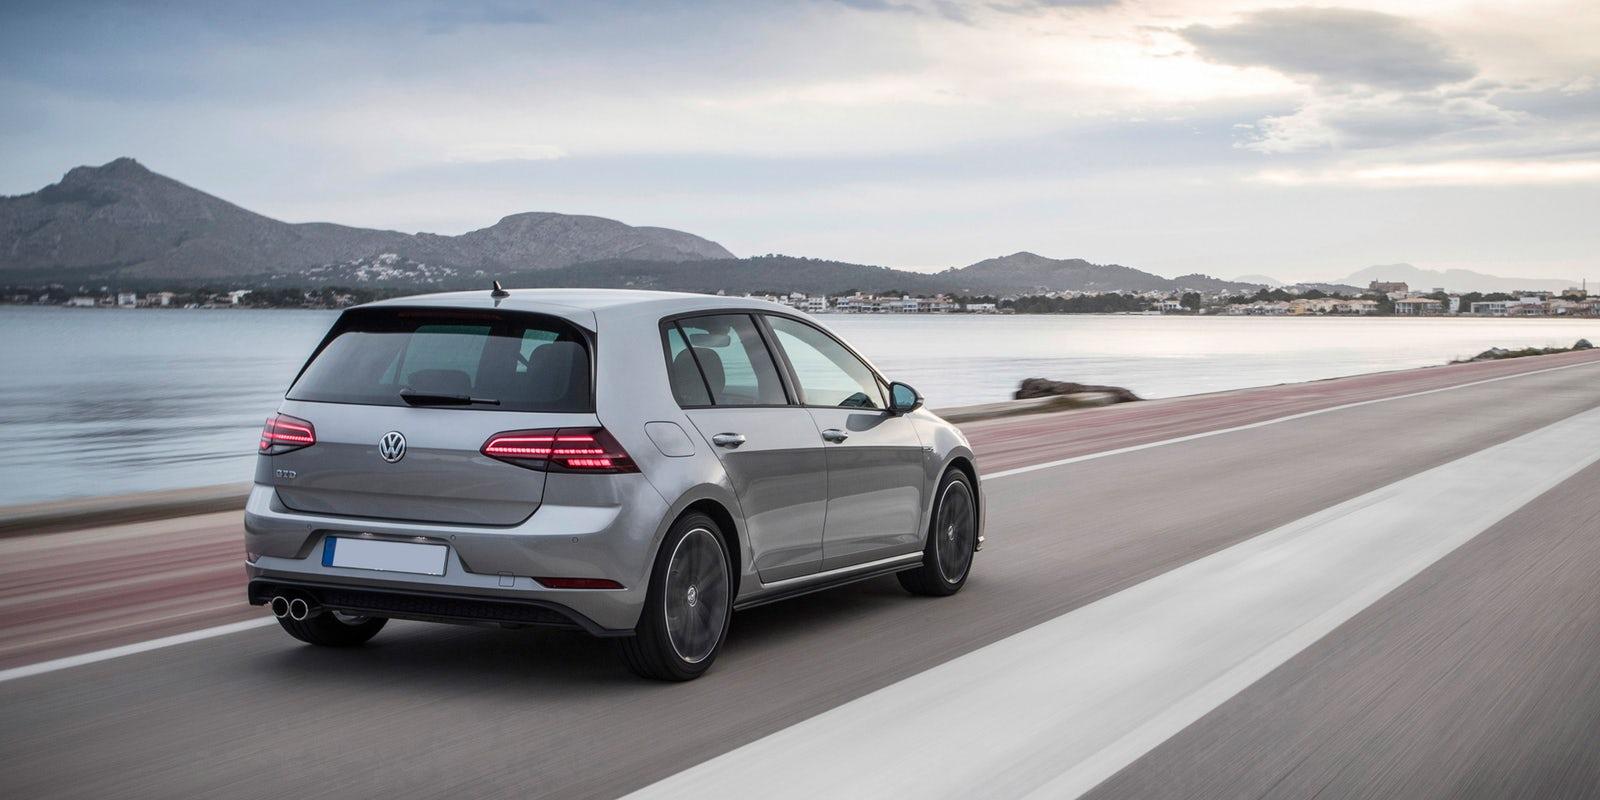 Grijze VW Golf op autoweg